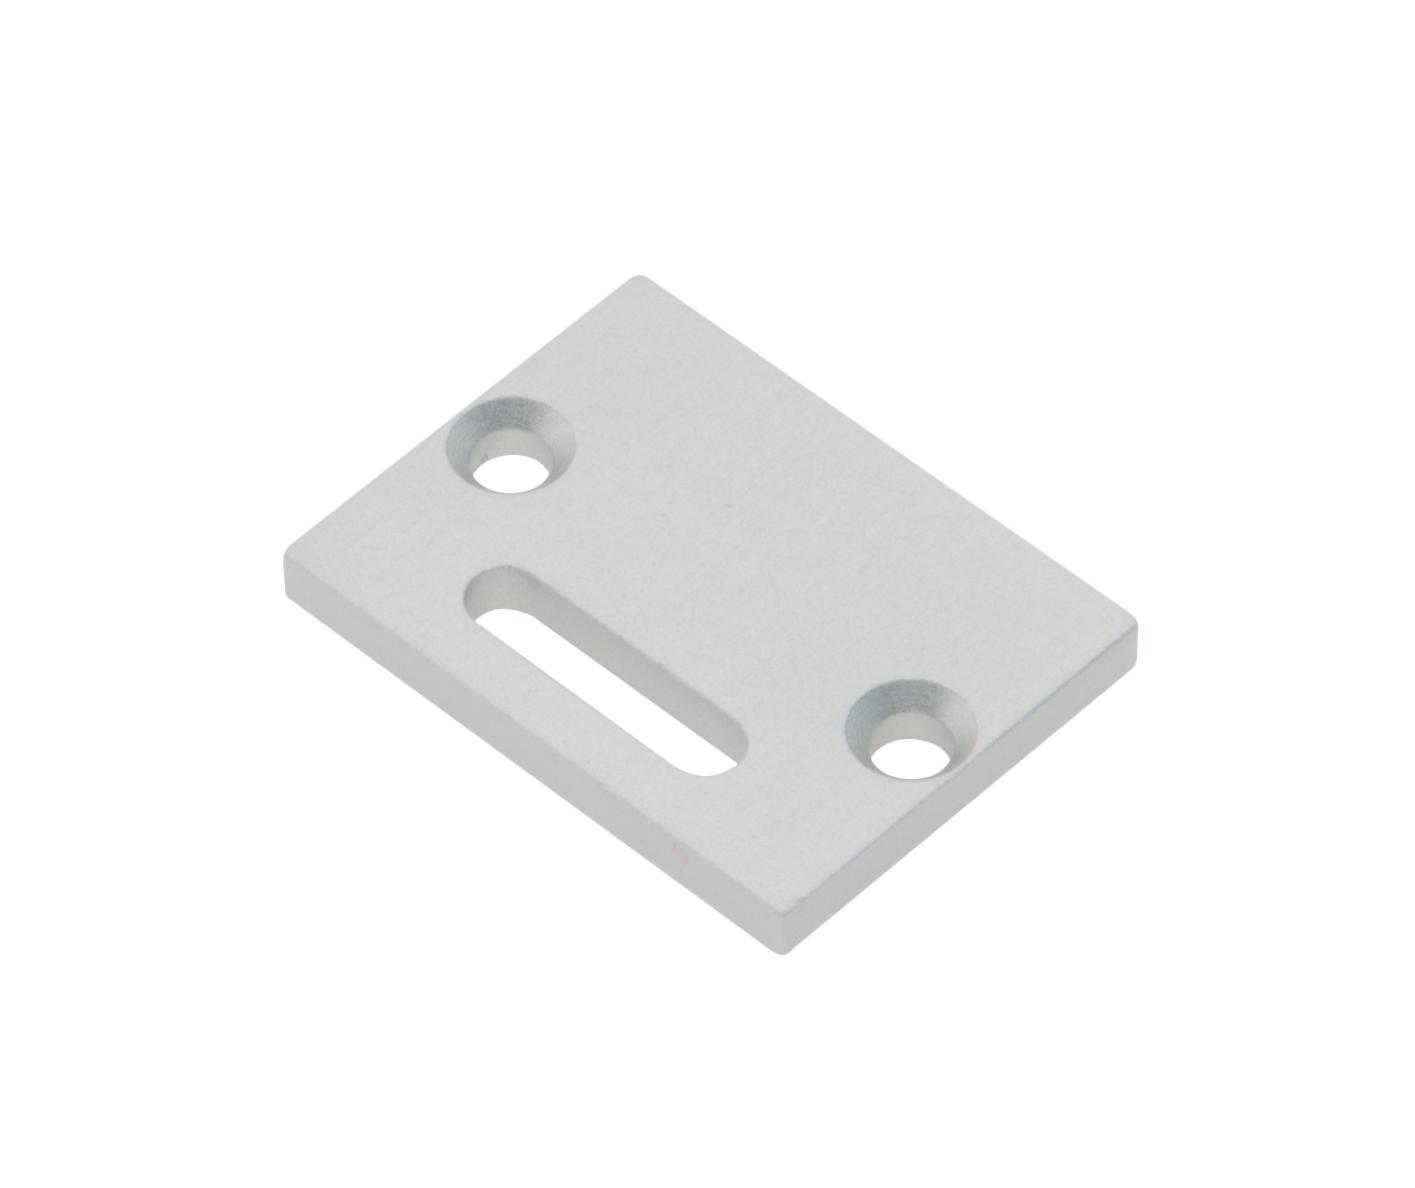 1 Stk Profil Endkappe TBL Flach mit Langloch inkl. Schrauben LIEK002801